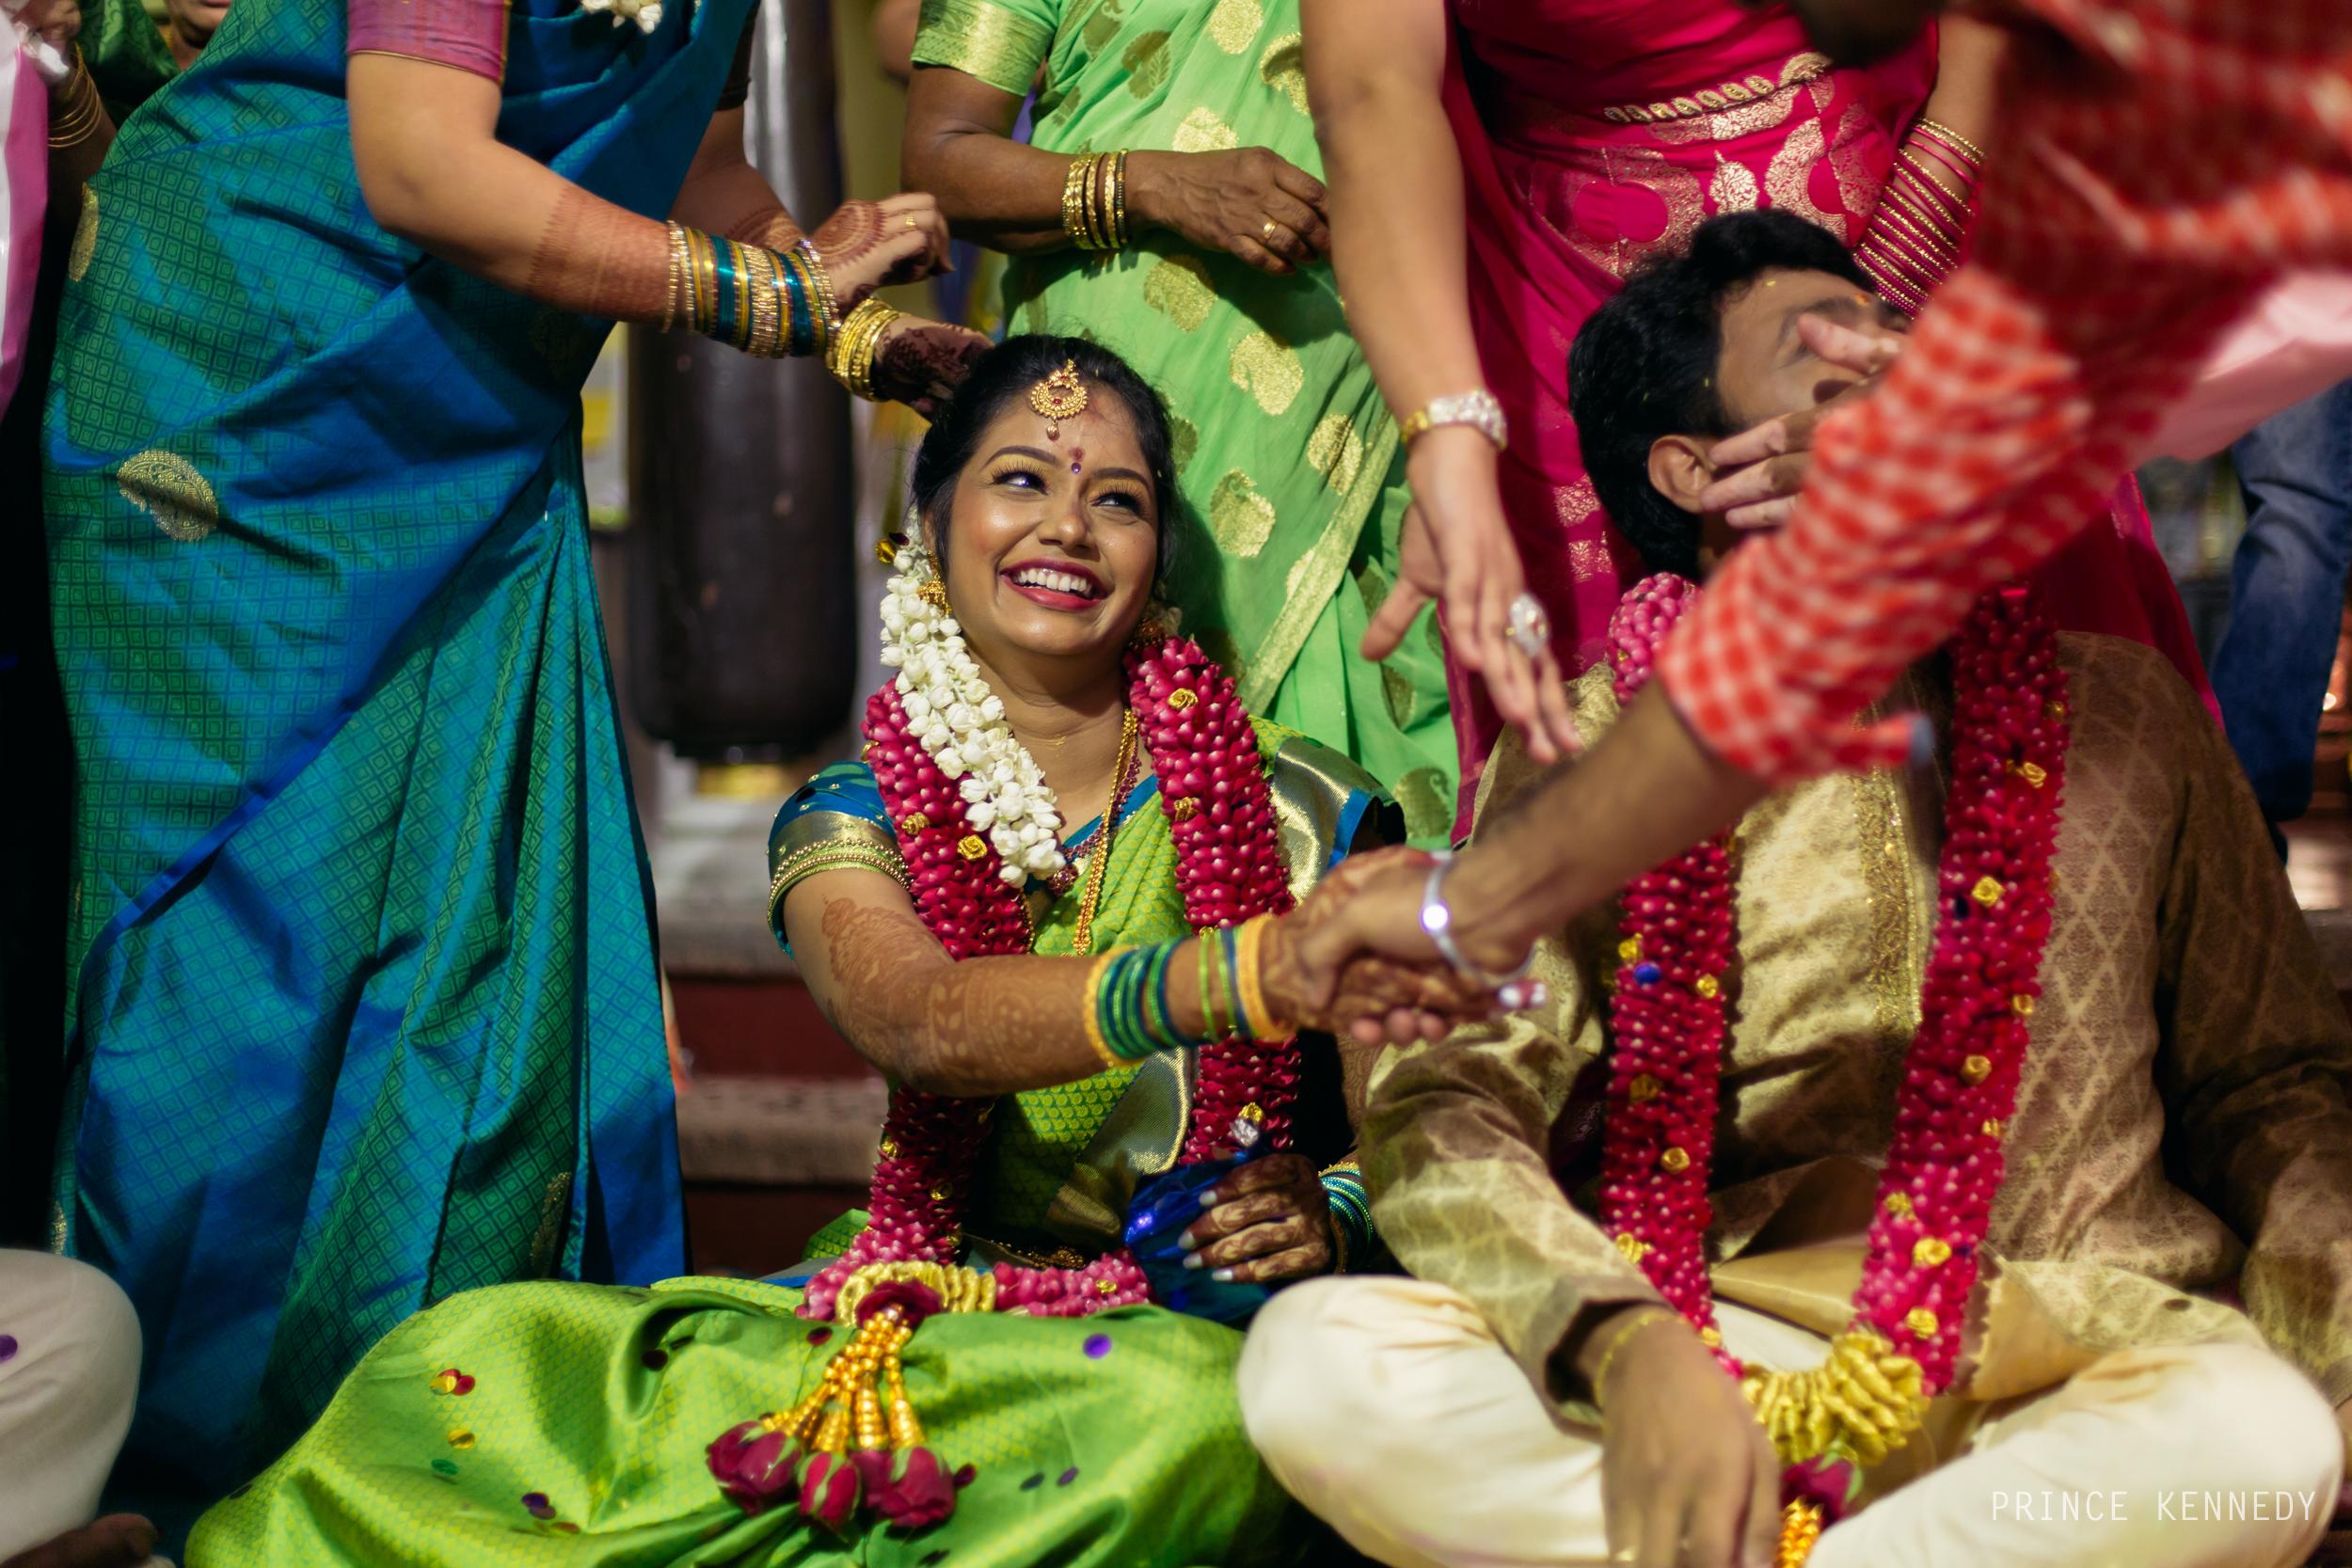 Engagement-Couple-Portrait-Portraiture-Wedding-Couple-Portrait-Chennai-Photographer-Candid-Photography-Destination-Best-Prince-Kennedy-Photography-253.jpg